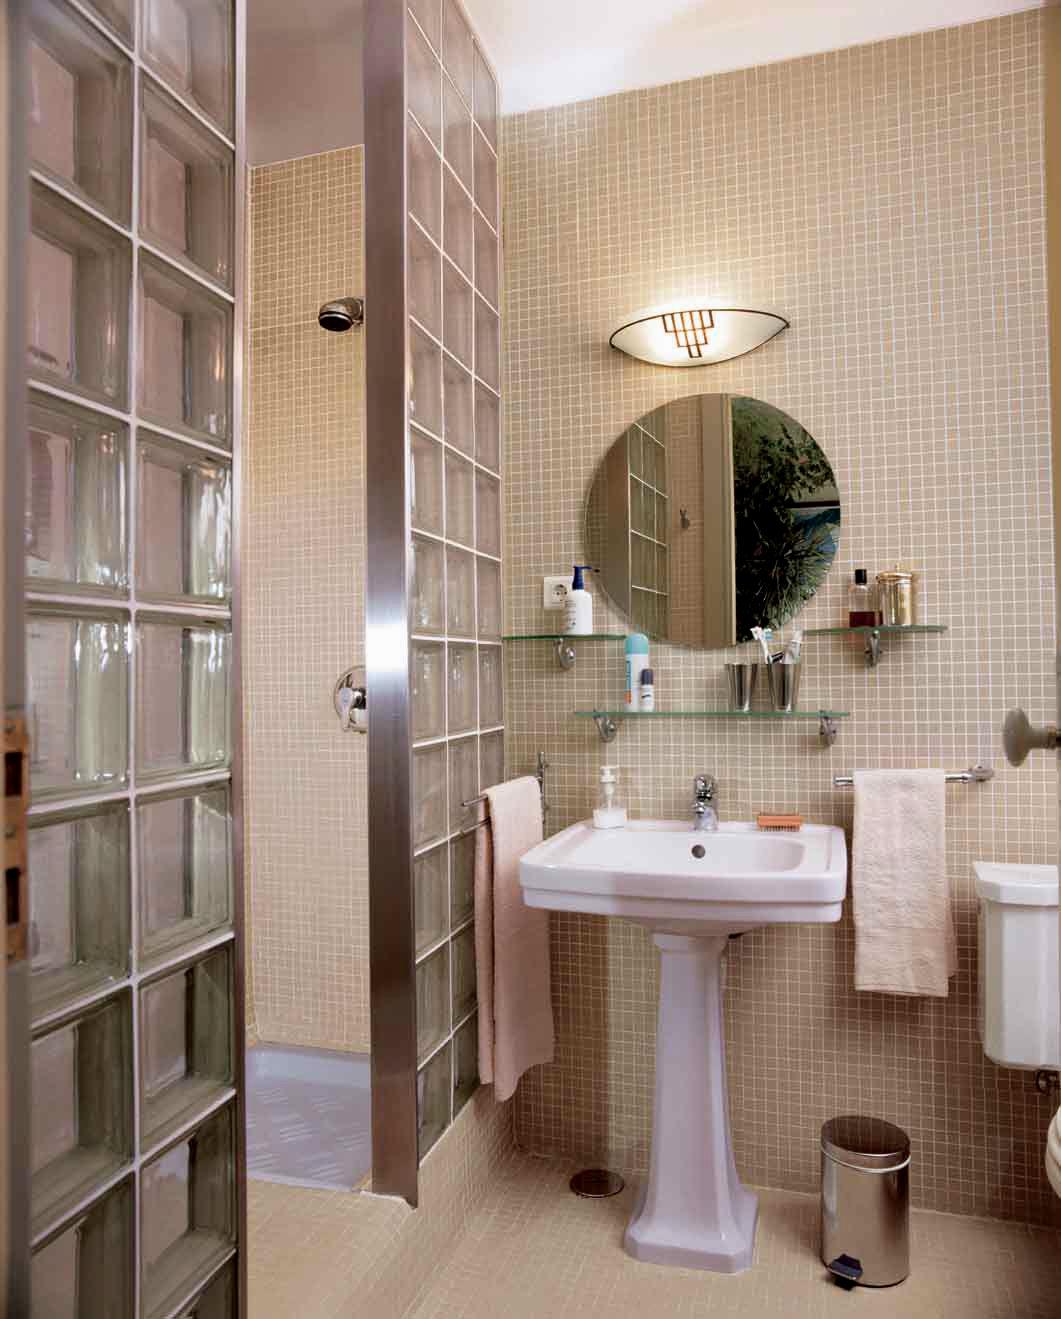 wonderful modern bathroom sinks model-Amazing Modern Bathroom Sinks Layout